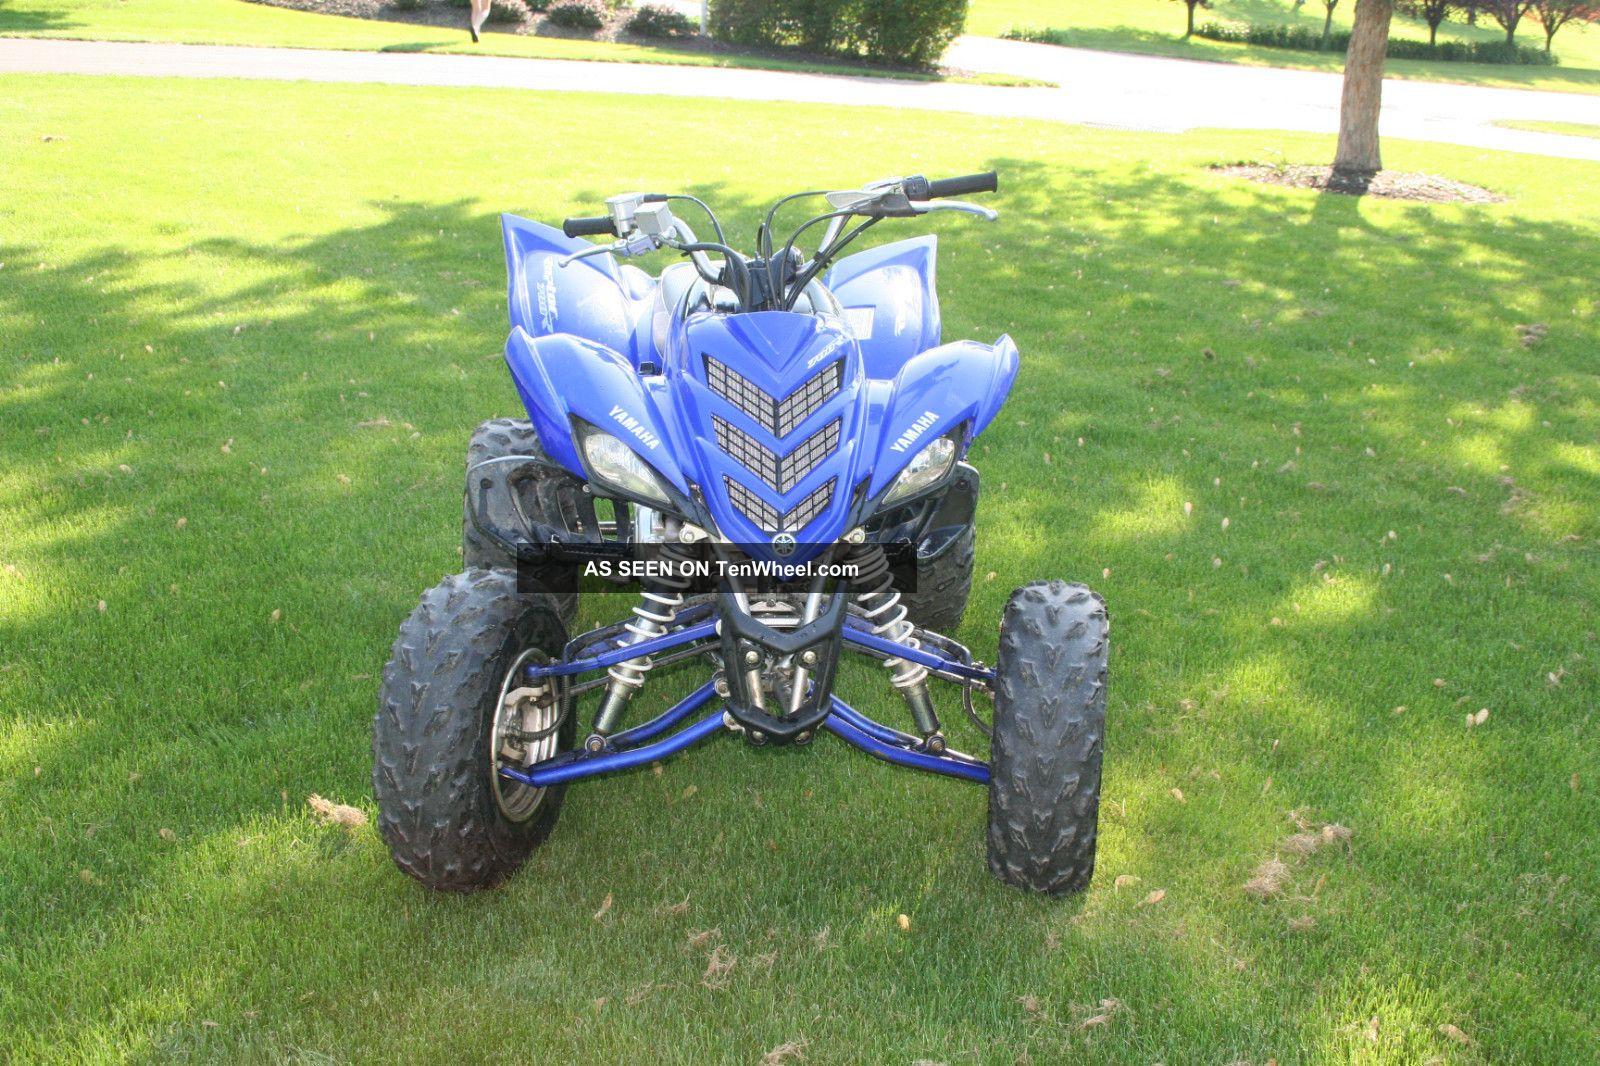 2007 Yamaha Raptor 700r Yamaha photo